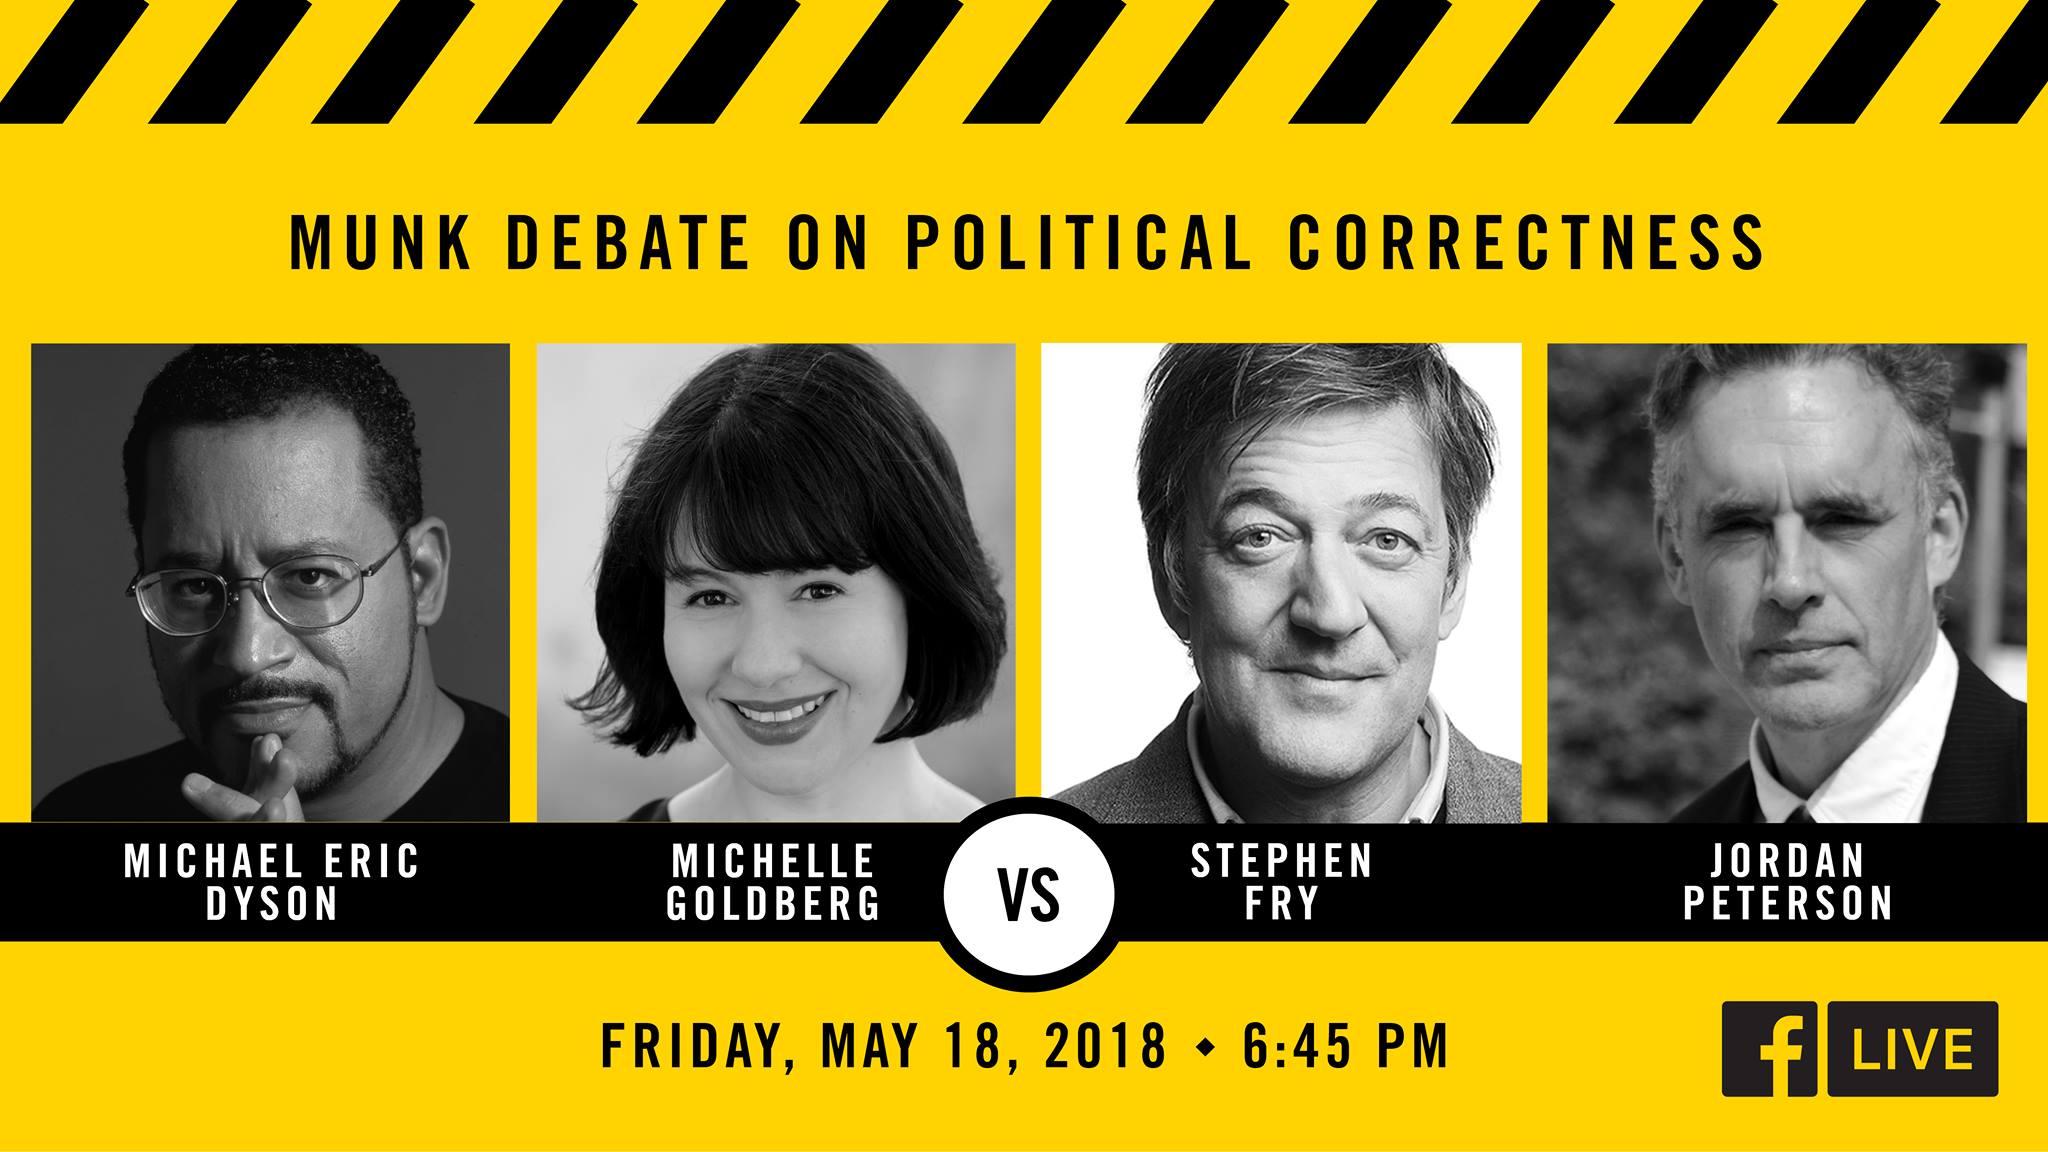 The Munk Debates: Jordan Peterson va débattre sur le politiquement correct